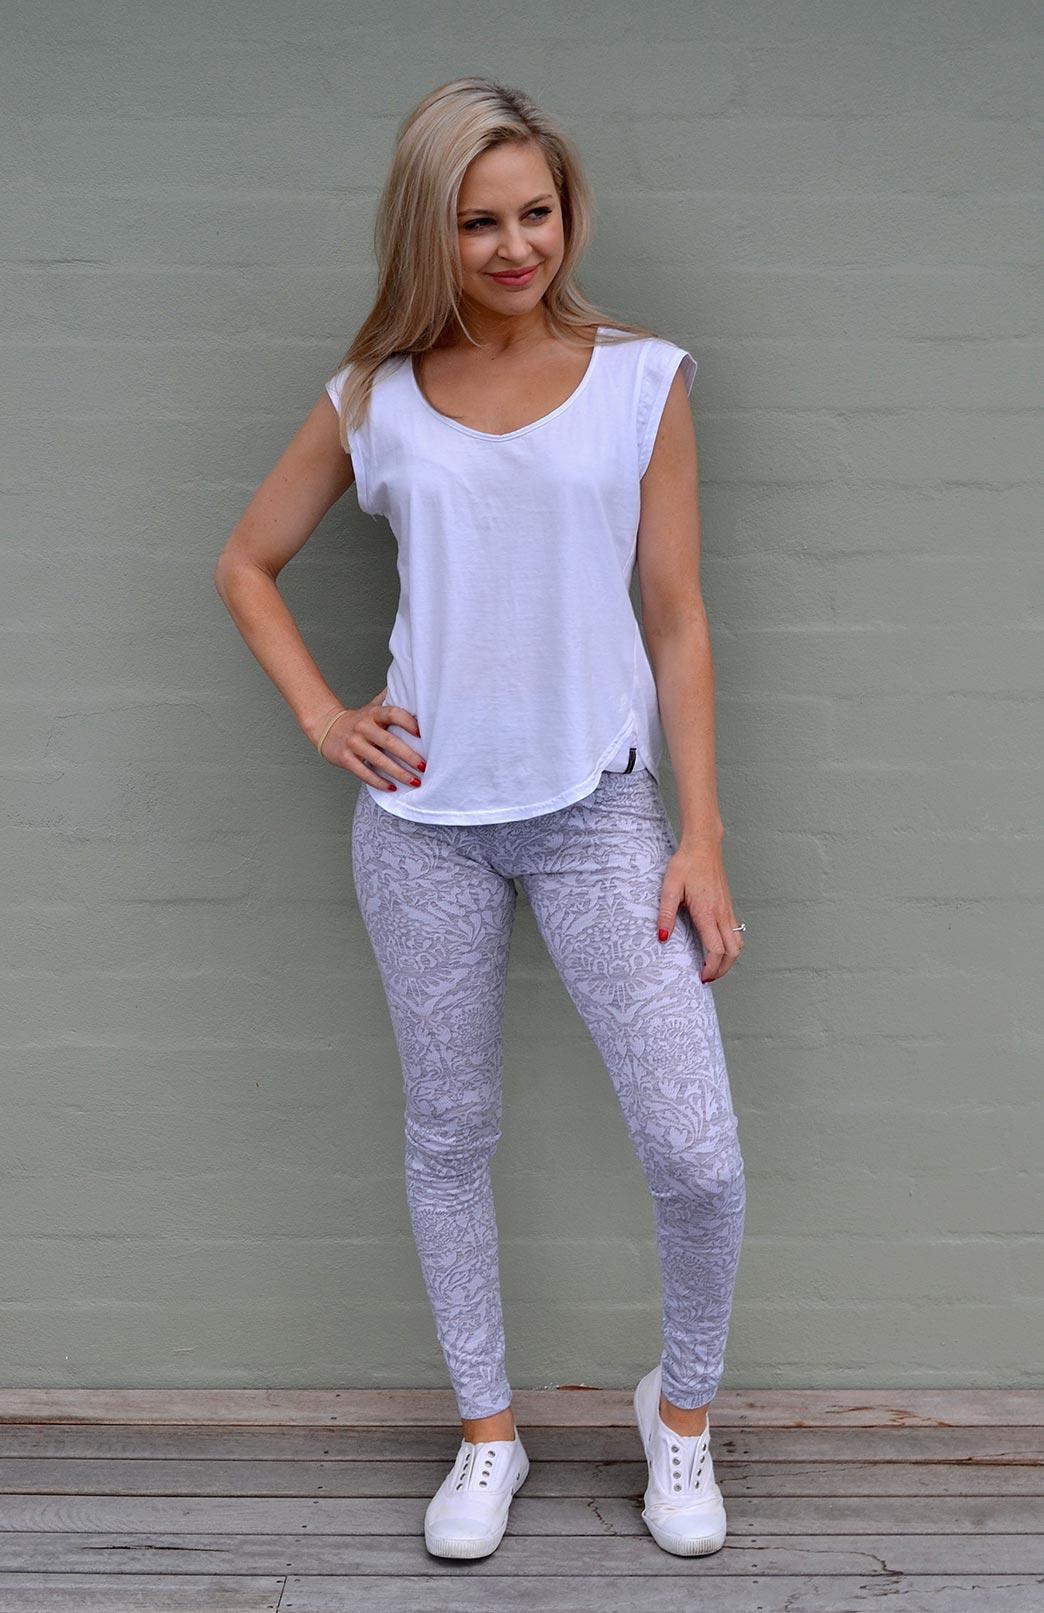 Leggings - Patterned - Women's Soft Grey and White Floral Patterned Merino Wool Leggings - Smitten Merino Tasmania Australia